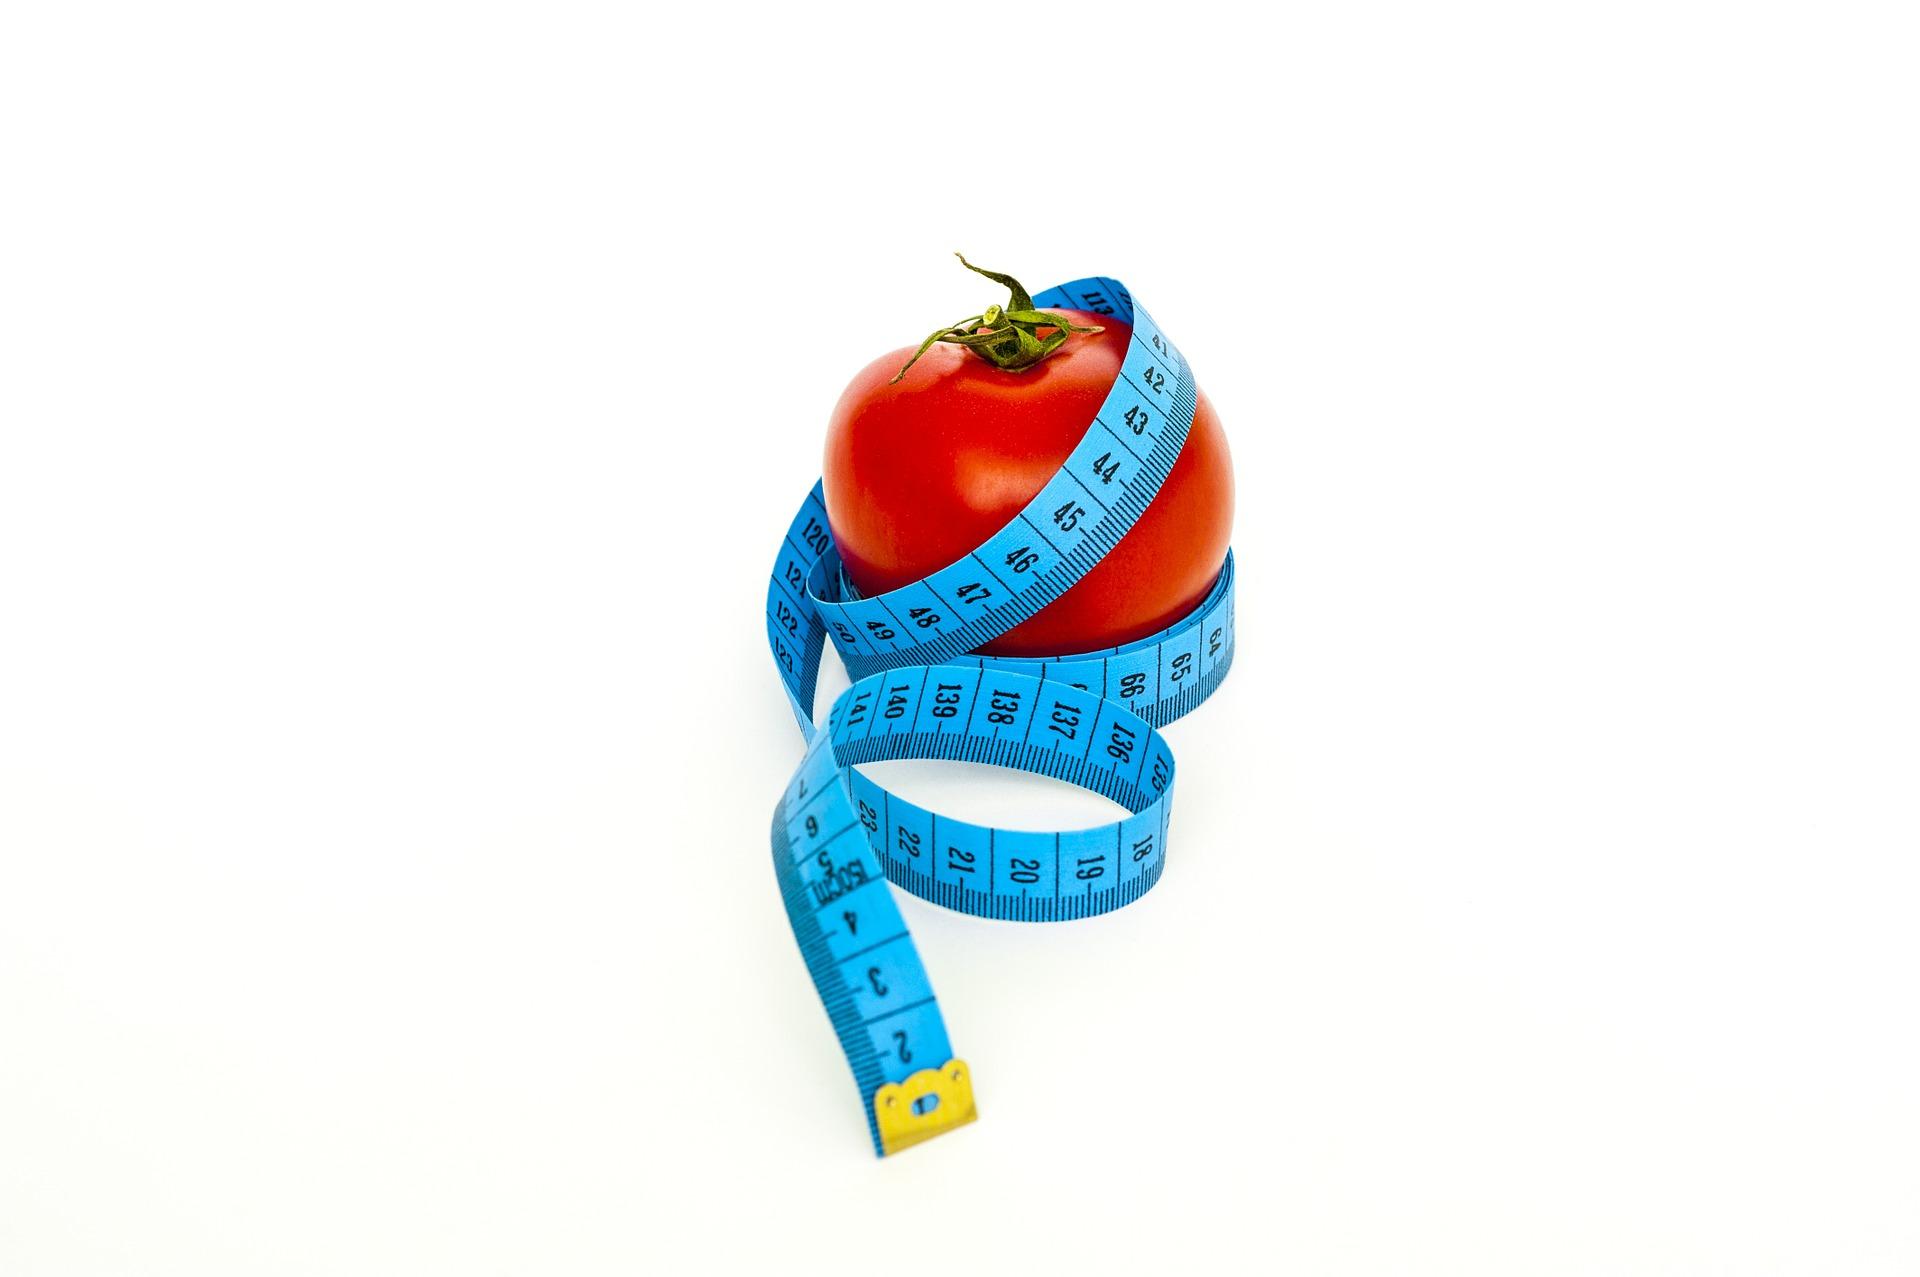 câteva sfaturi sănătoase pentru a pierde în greutate supliment care arde grăsime